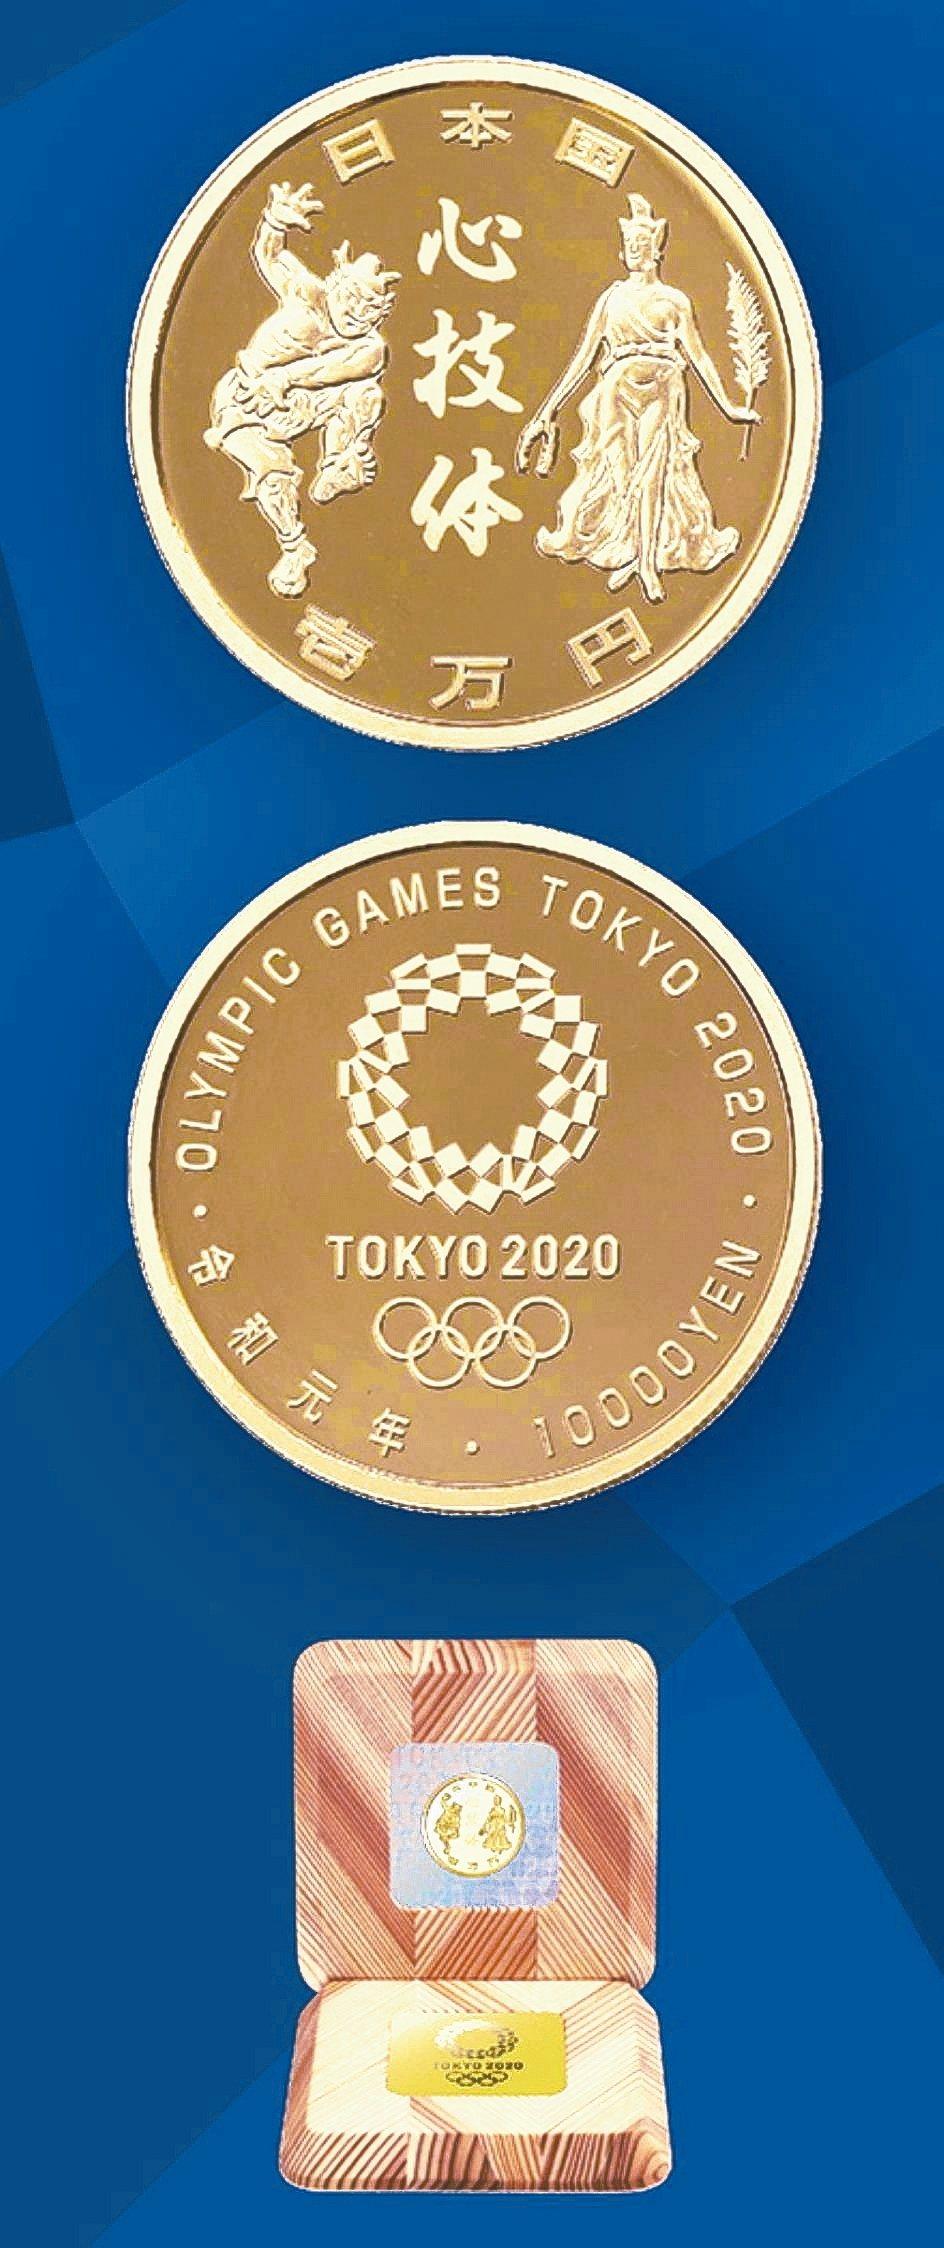 東京2020奧運第三系列紀念幣之勝利及榮光心技體精鑄金幣。 臺銀/提供